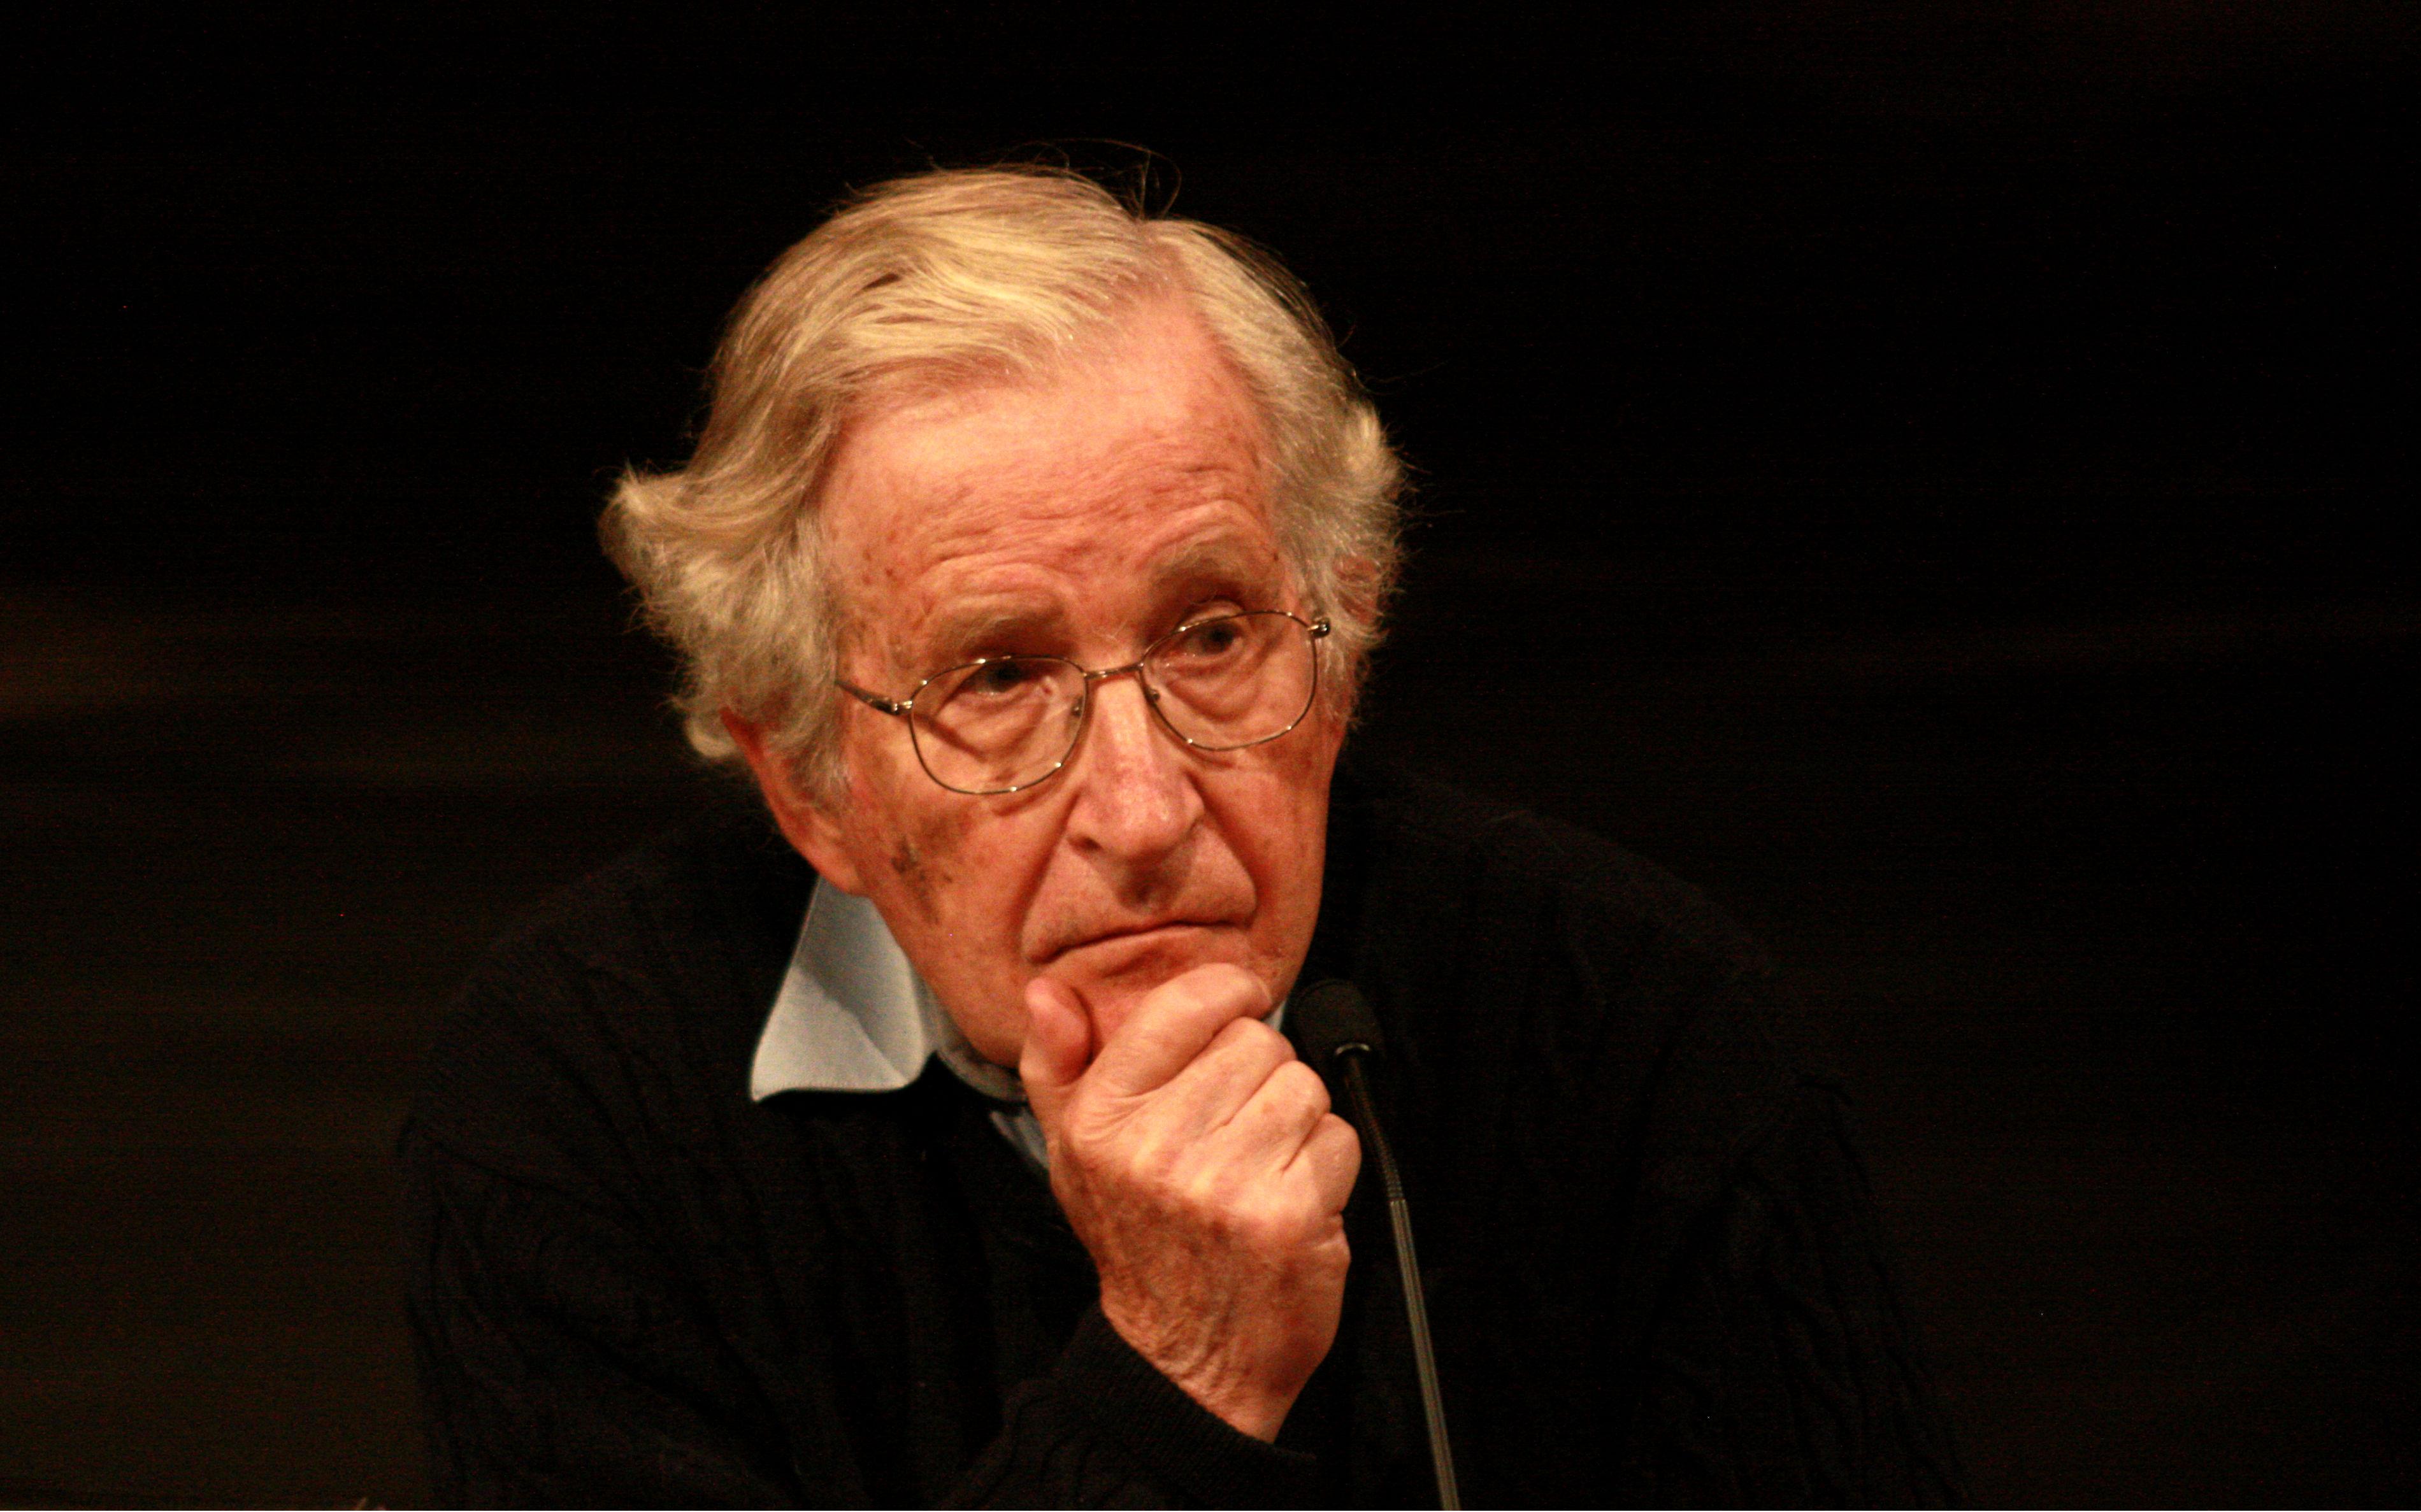 Noam Chomsky, e as 10 estratégias de manipulação da mídia